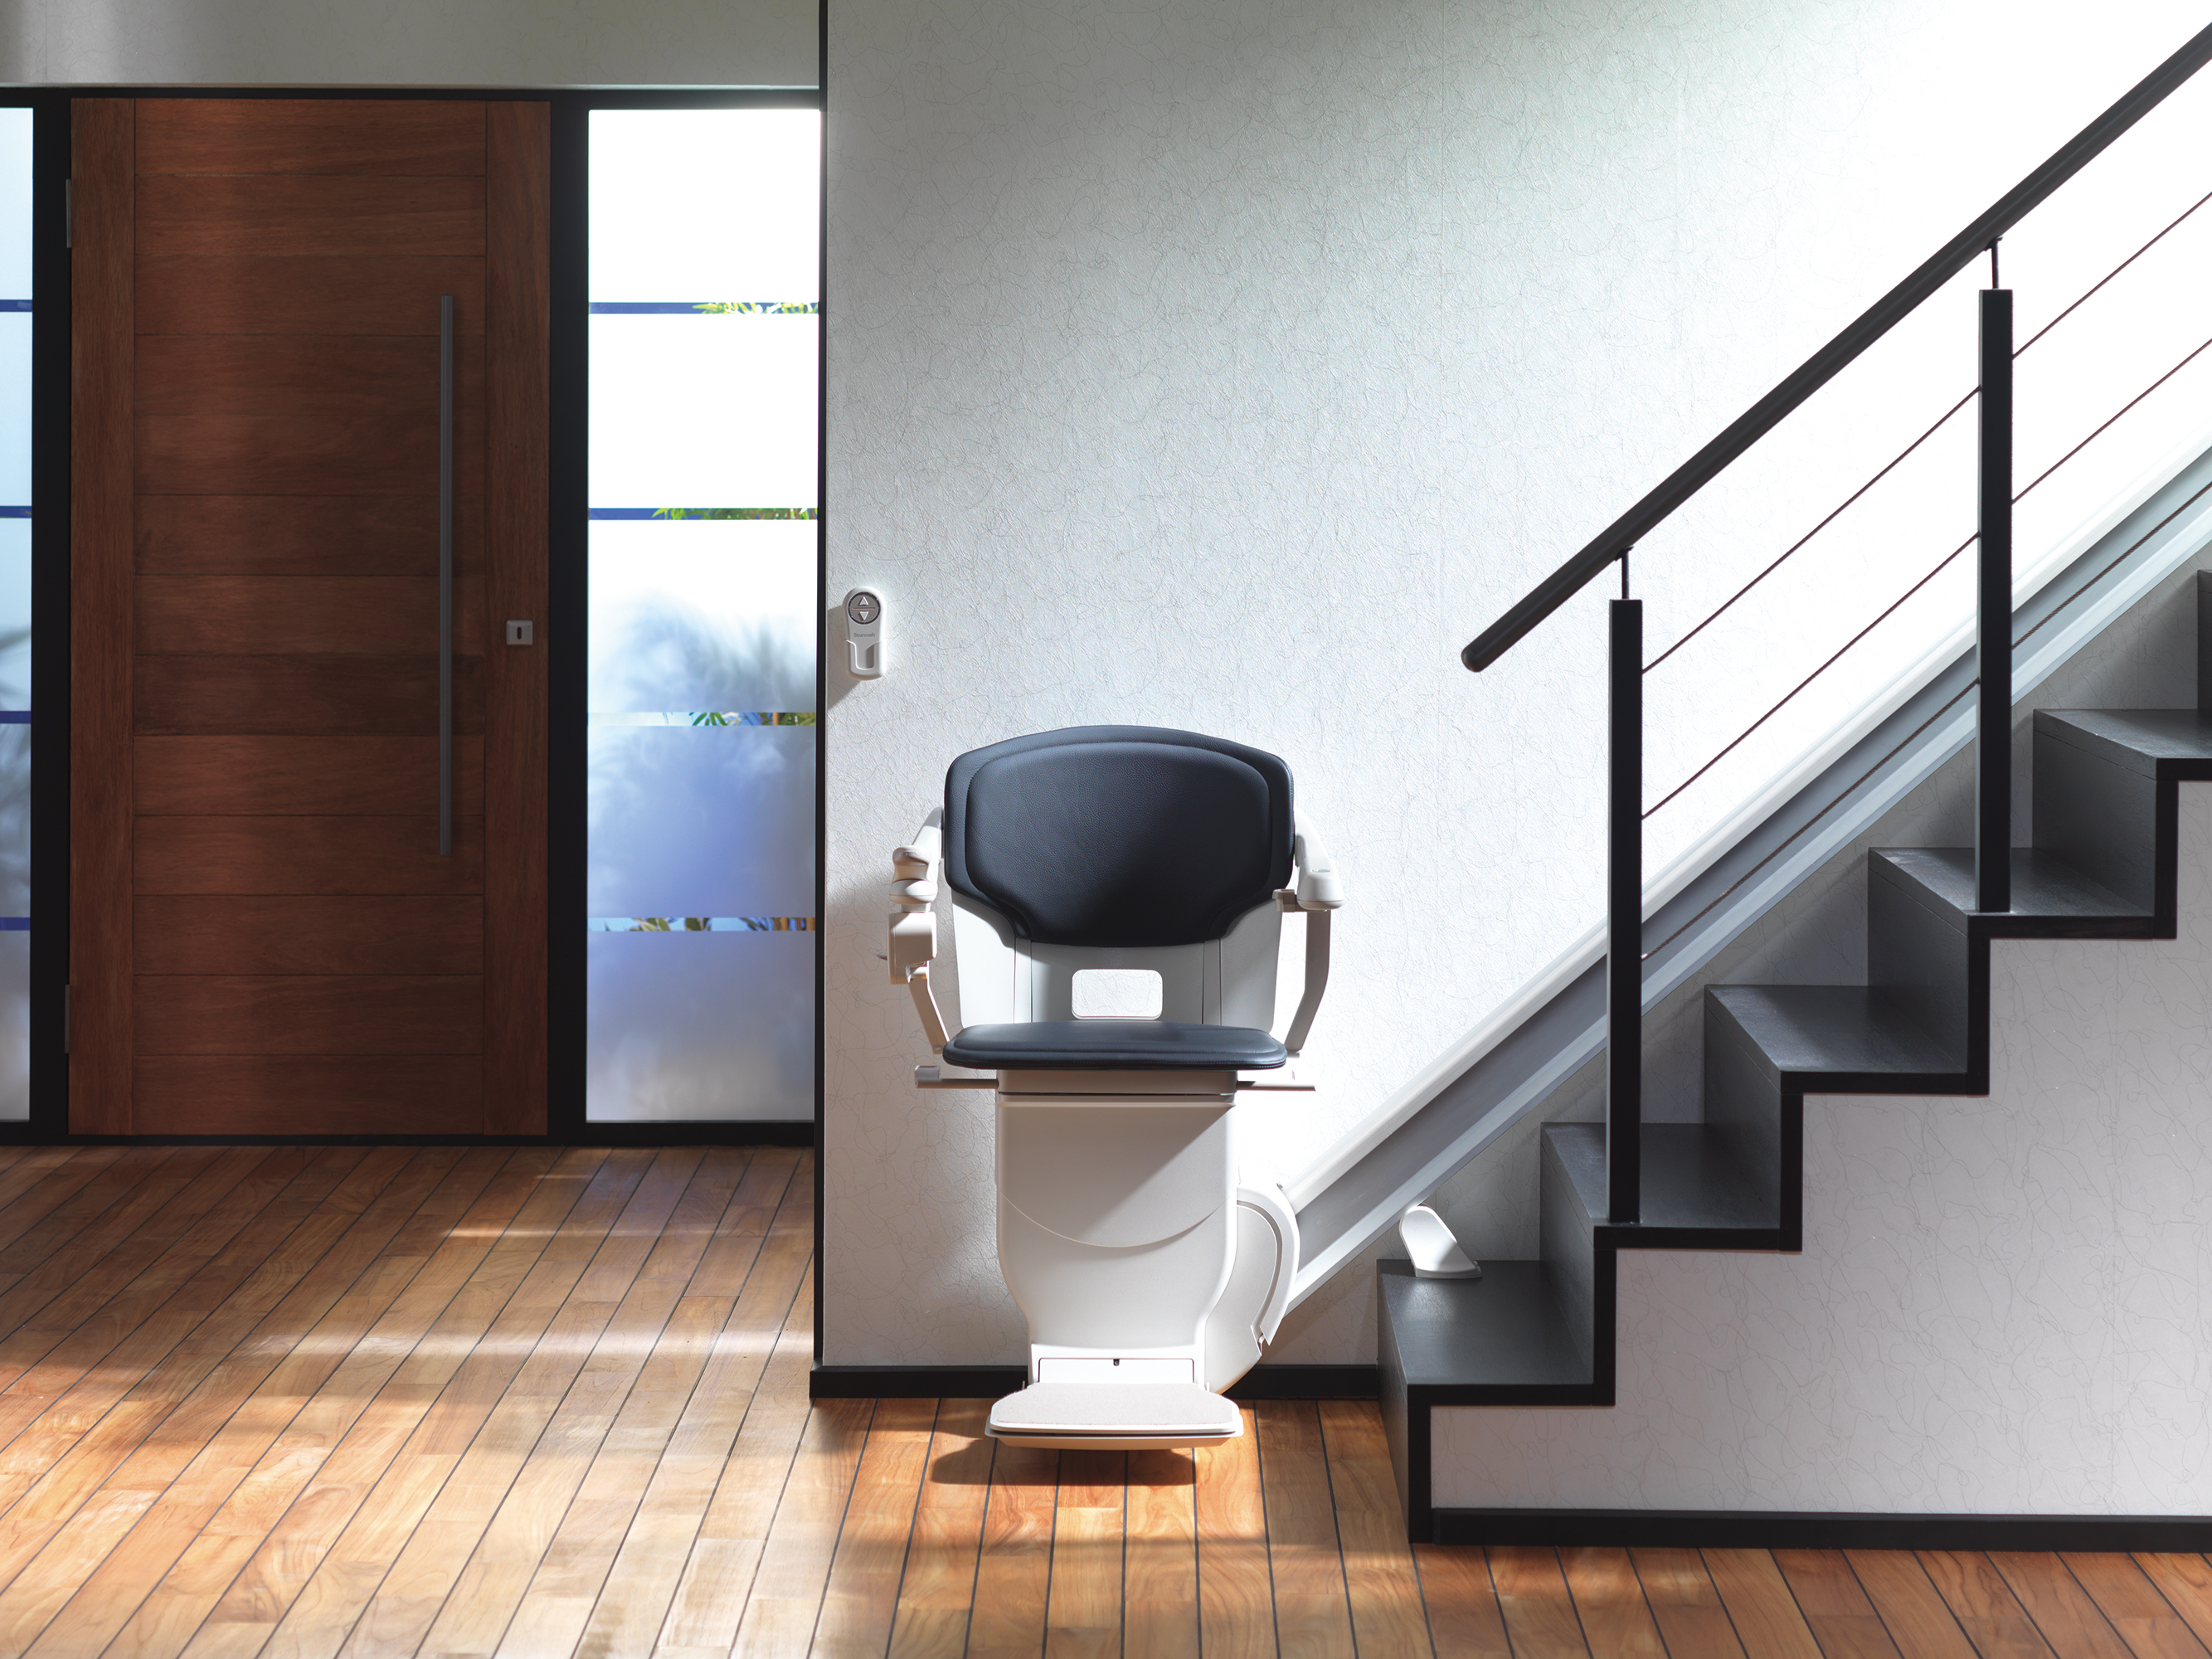 Quelle est la dur e de vie d 39 un fauteuil l vateur - Duree de vie d un frigo ...